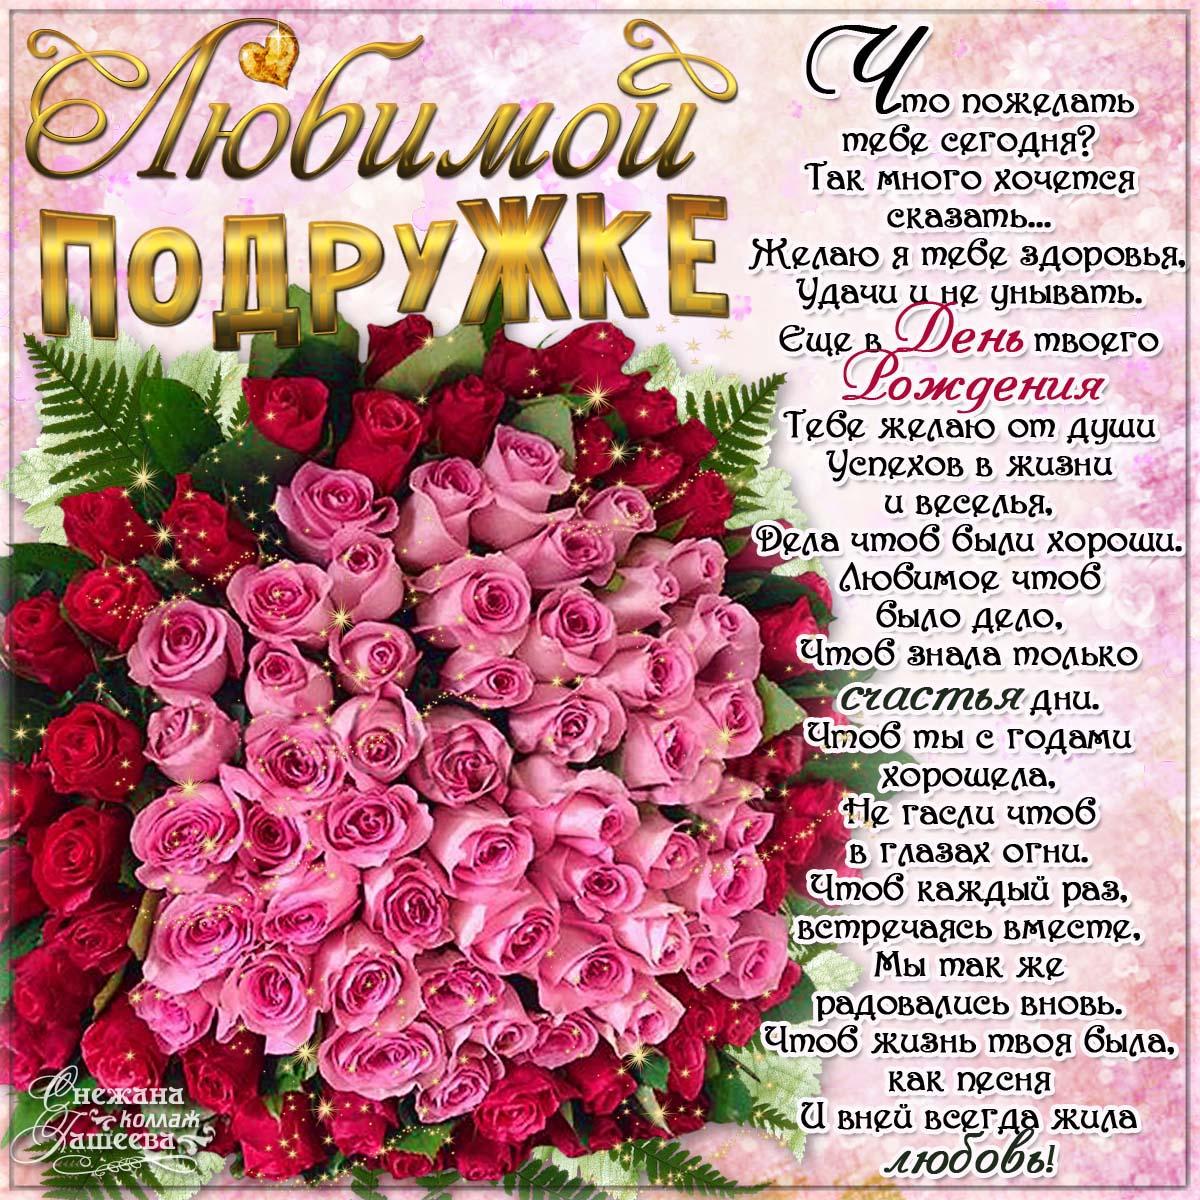 Лучшие поздравления с днем рождения женщине подруге